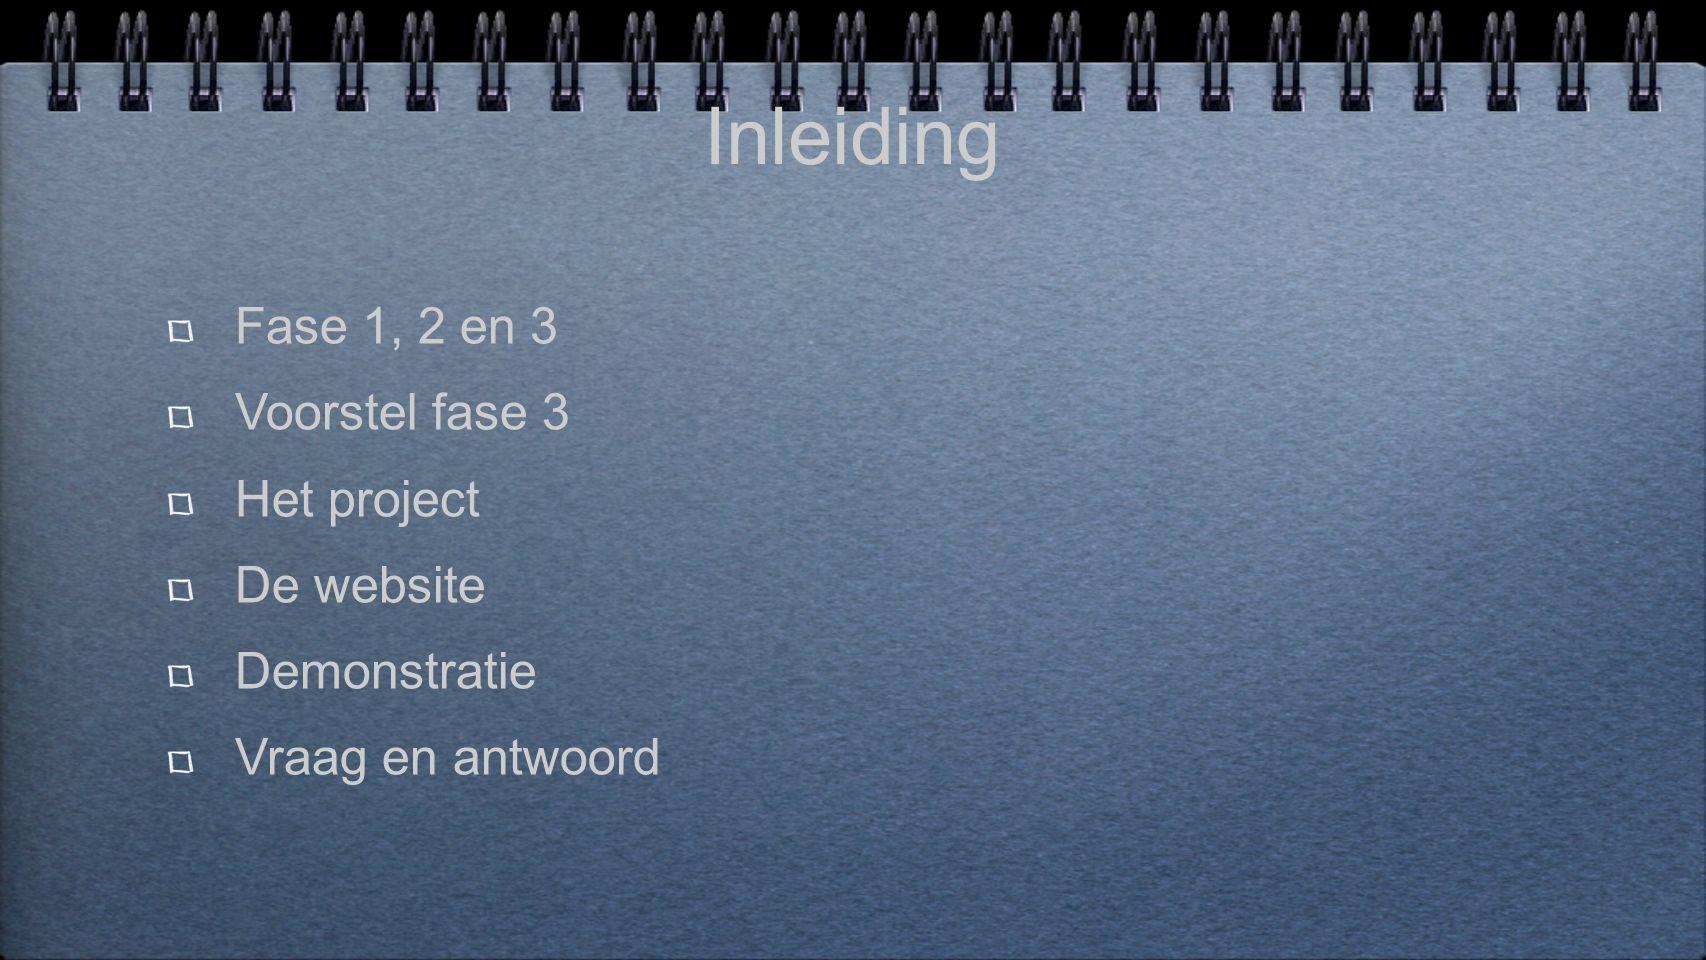 Inleiding Fase 1, 2 en 3 Voorstel fase 3 Het project De website Demonstratie Vraag en antwoord